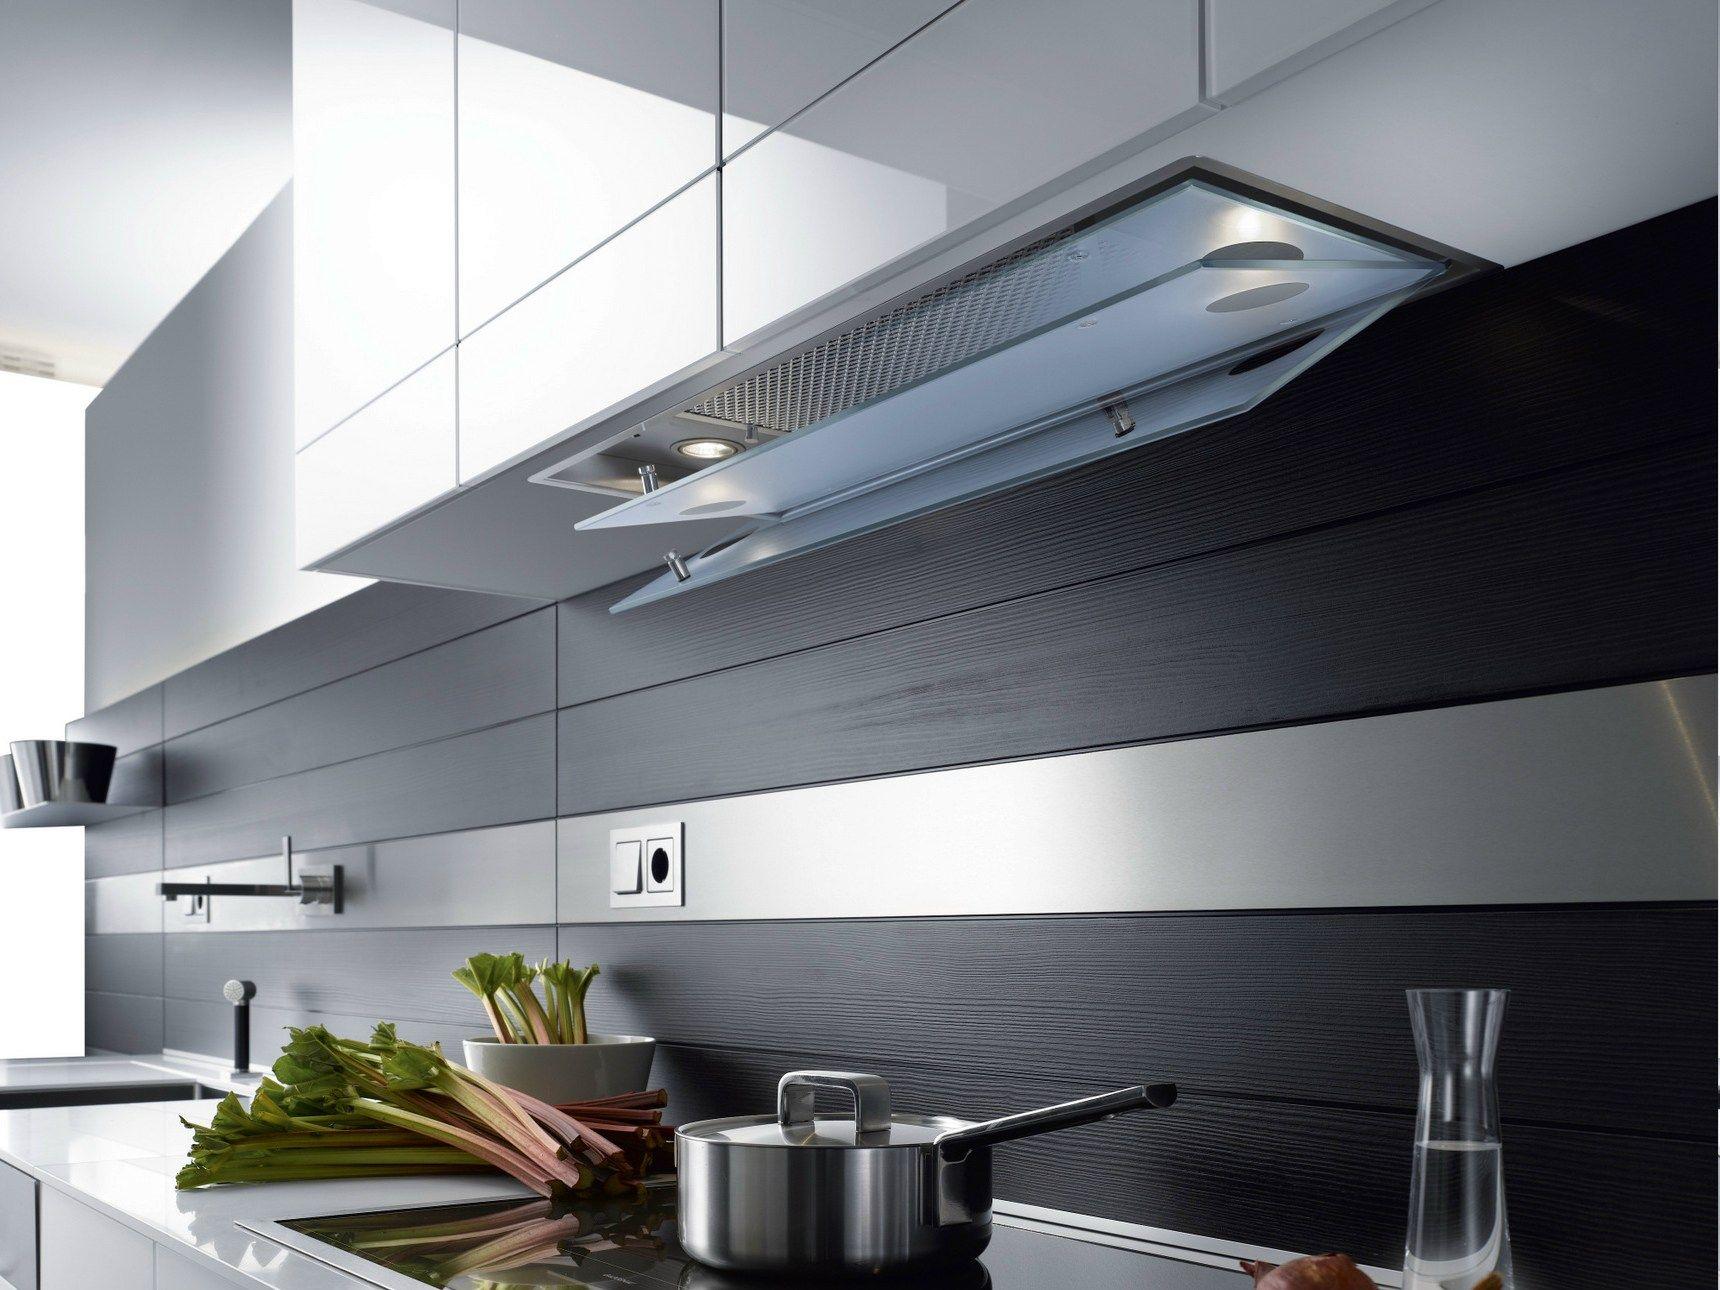 Máy hút mùi nhà bếp loại nào tốt? Các loại máy hút mùi nhà bếp phổ biến hiện nay